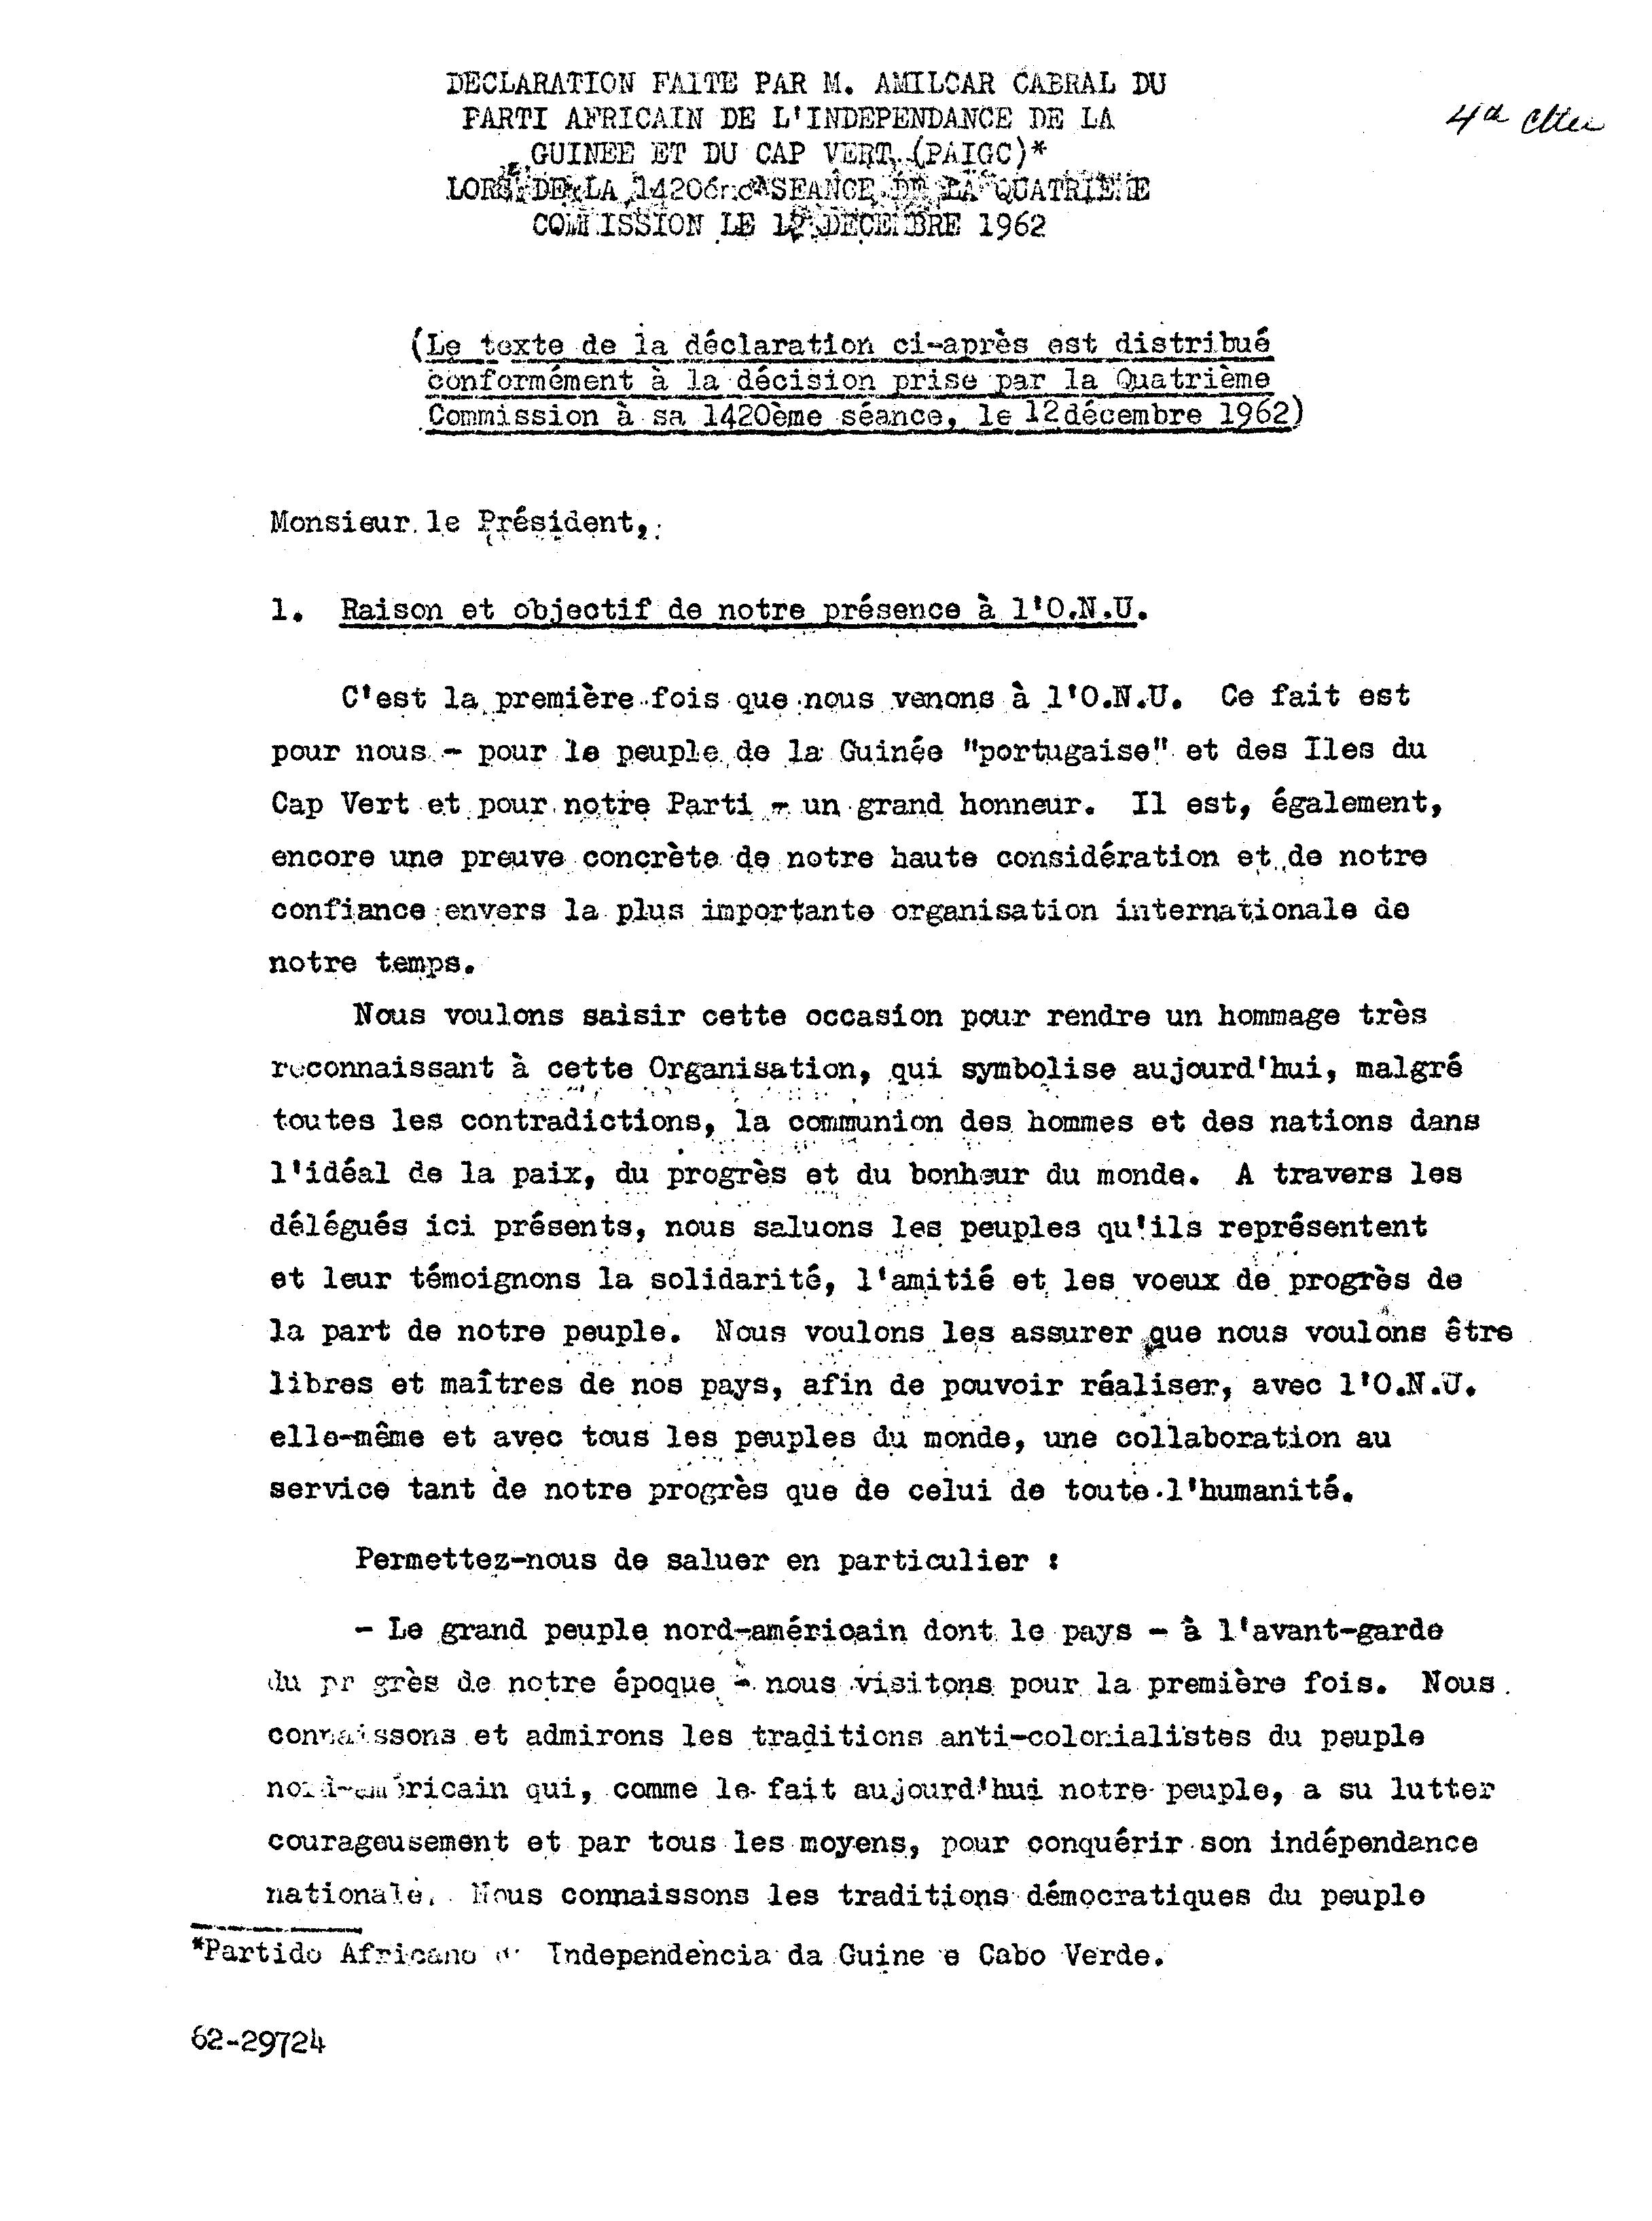 07070.112.007- pag.1